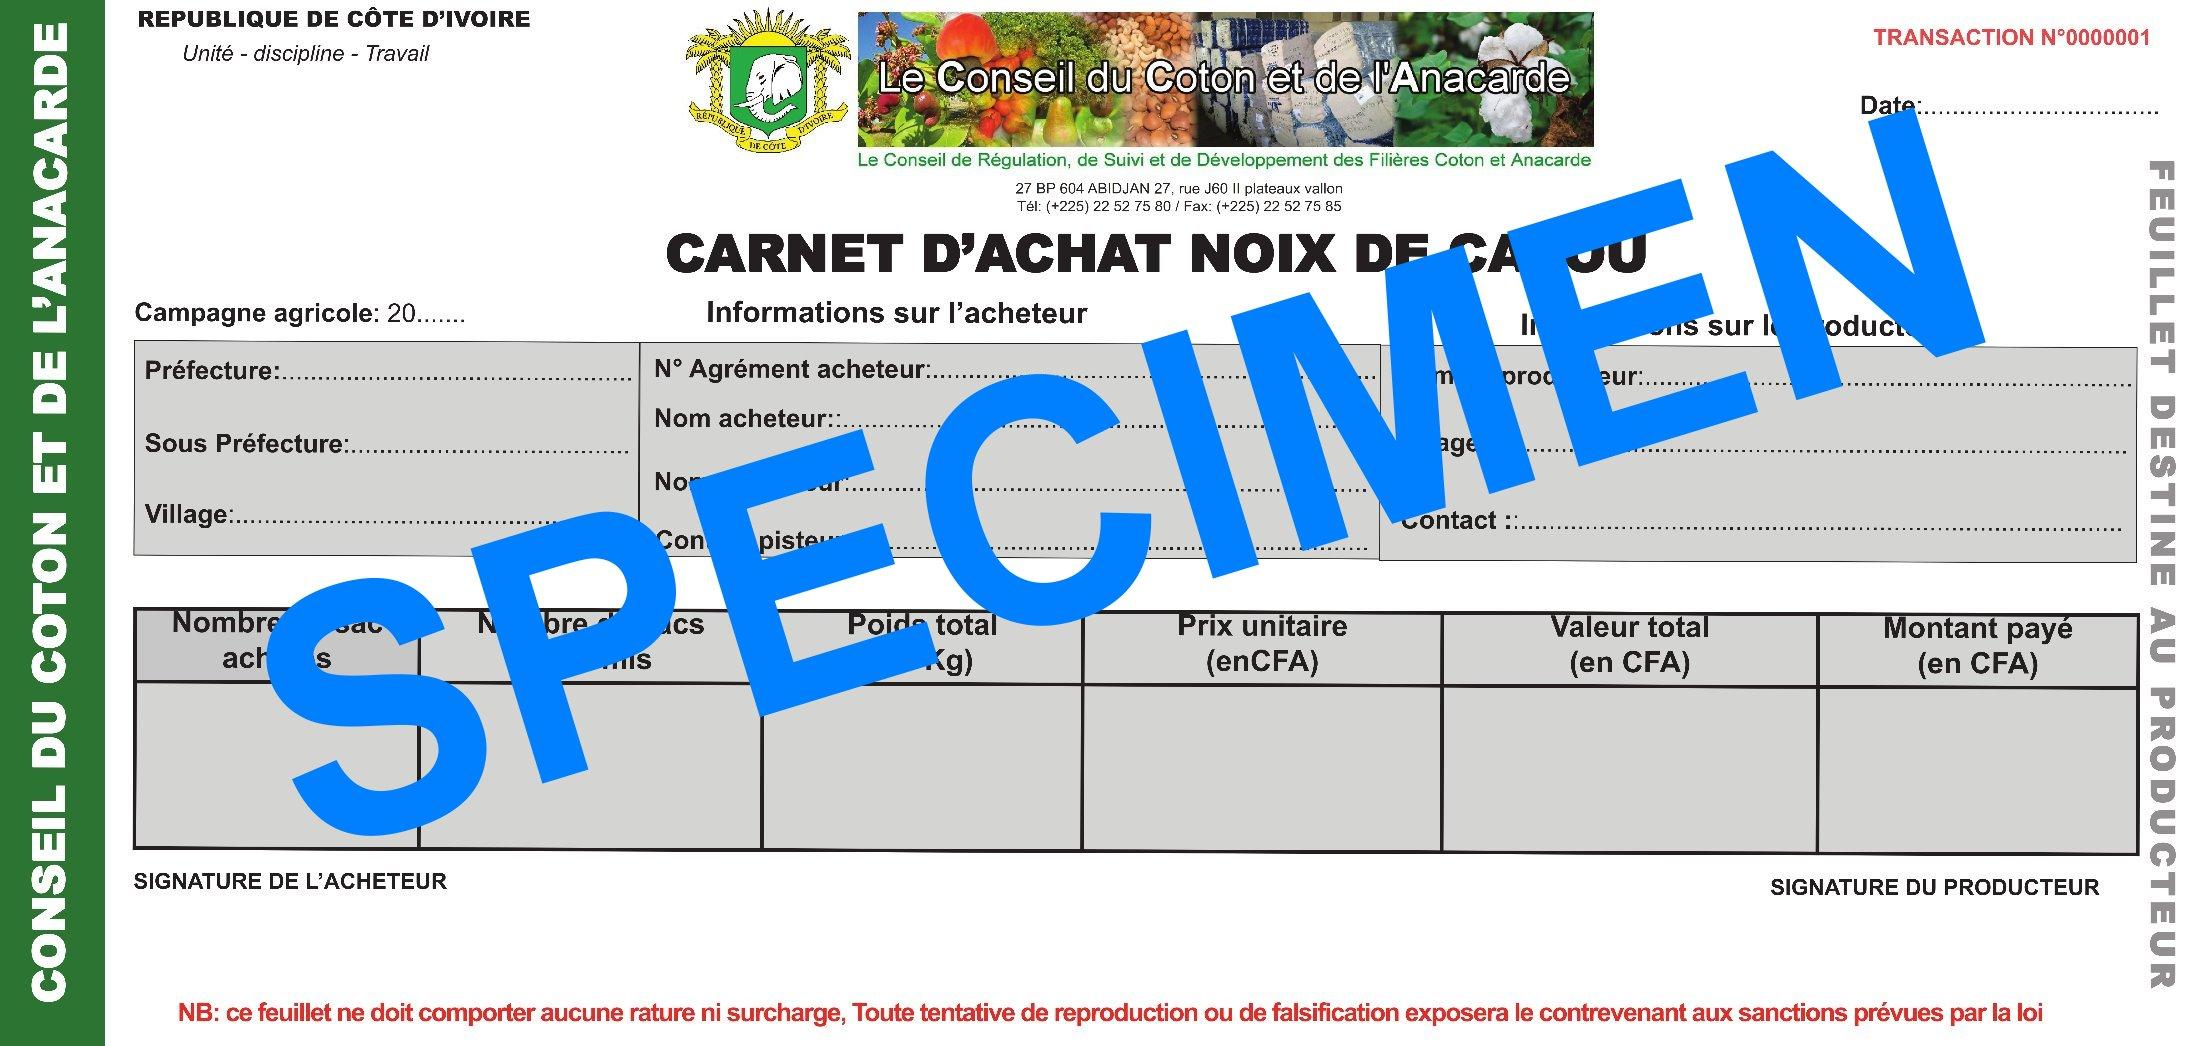 COMMUNIQUE DE PRESSE Relatif au Carnet d'Apport Produit